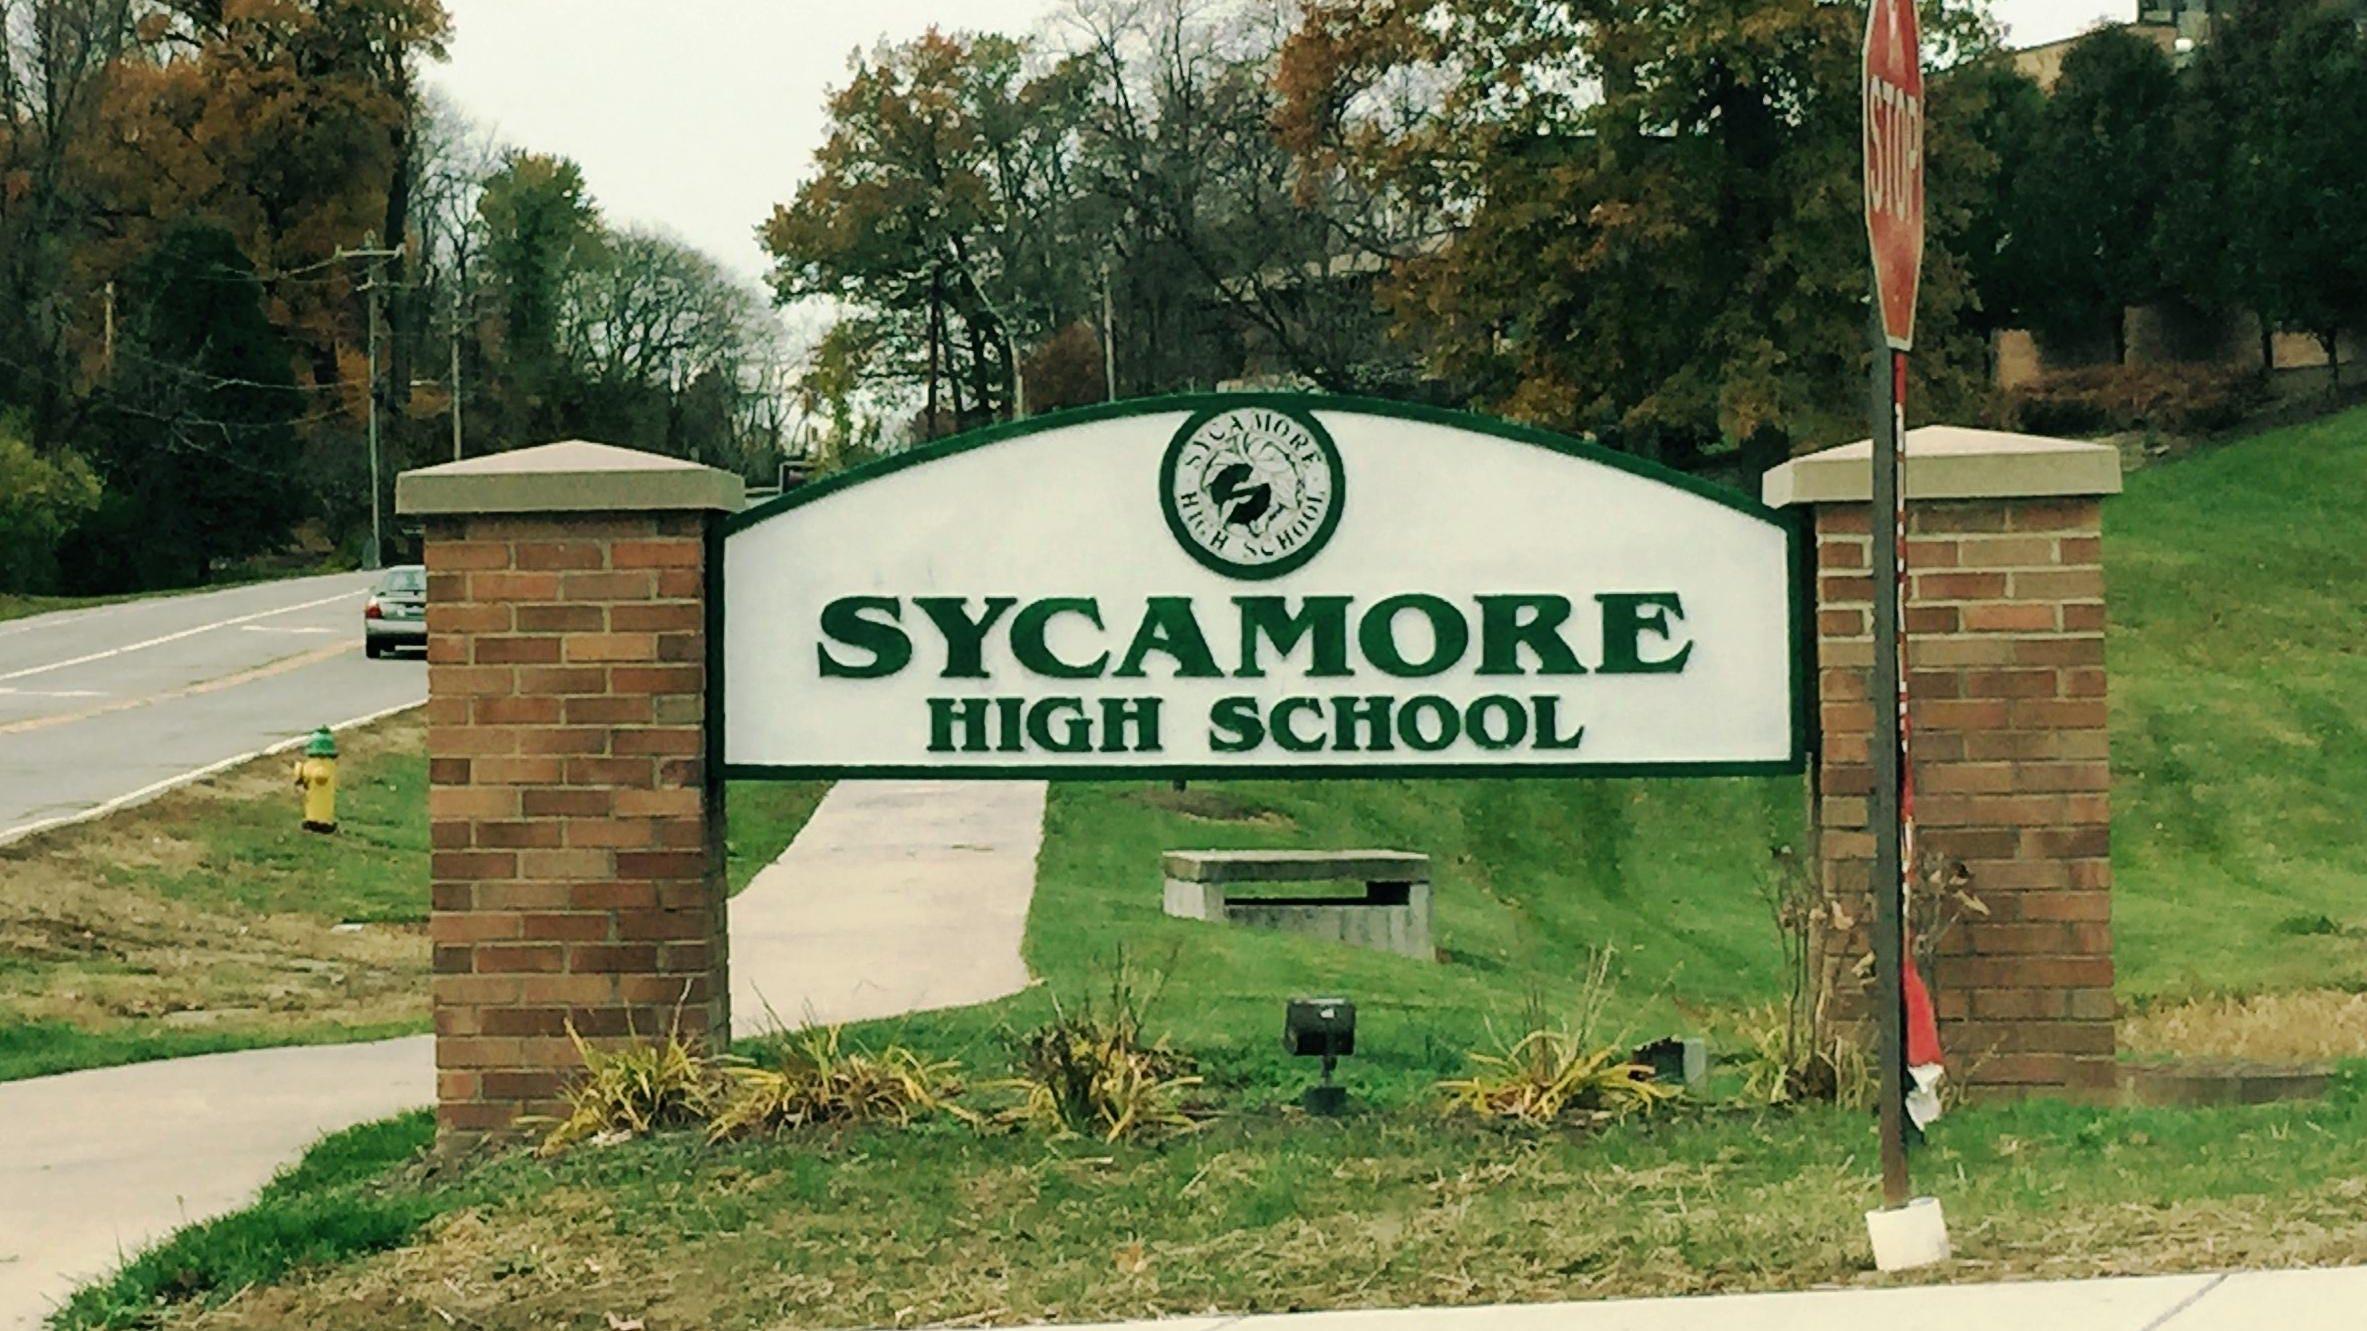 Resultado de imagen para sycamore high school